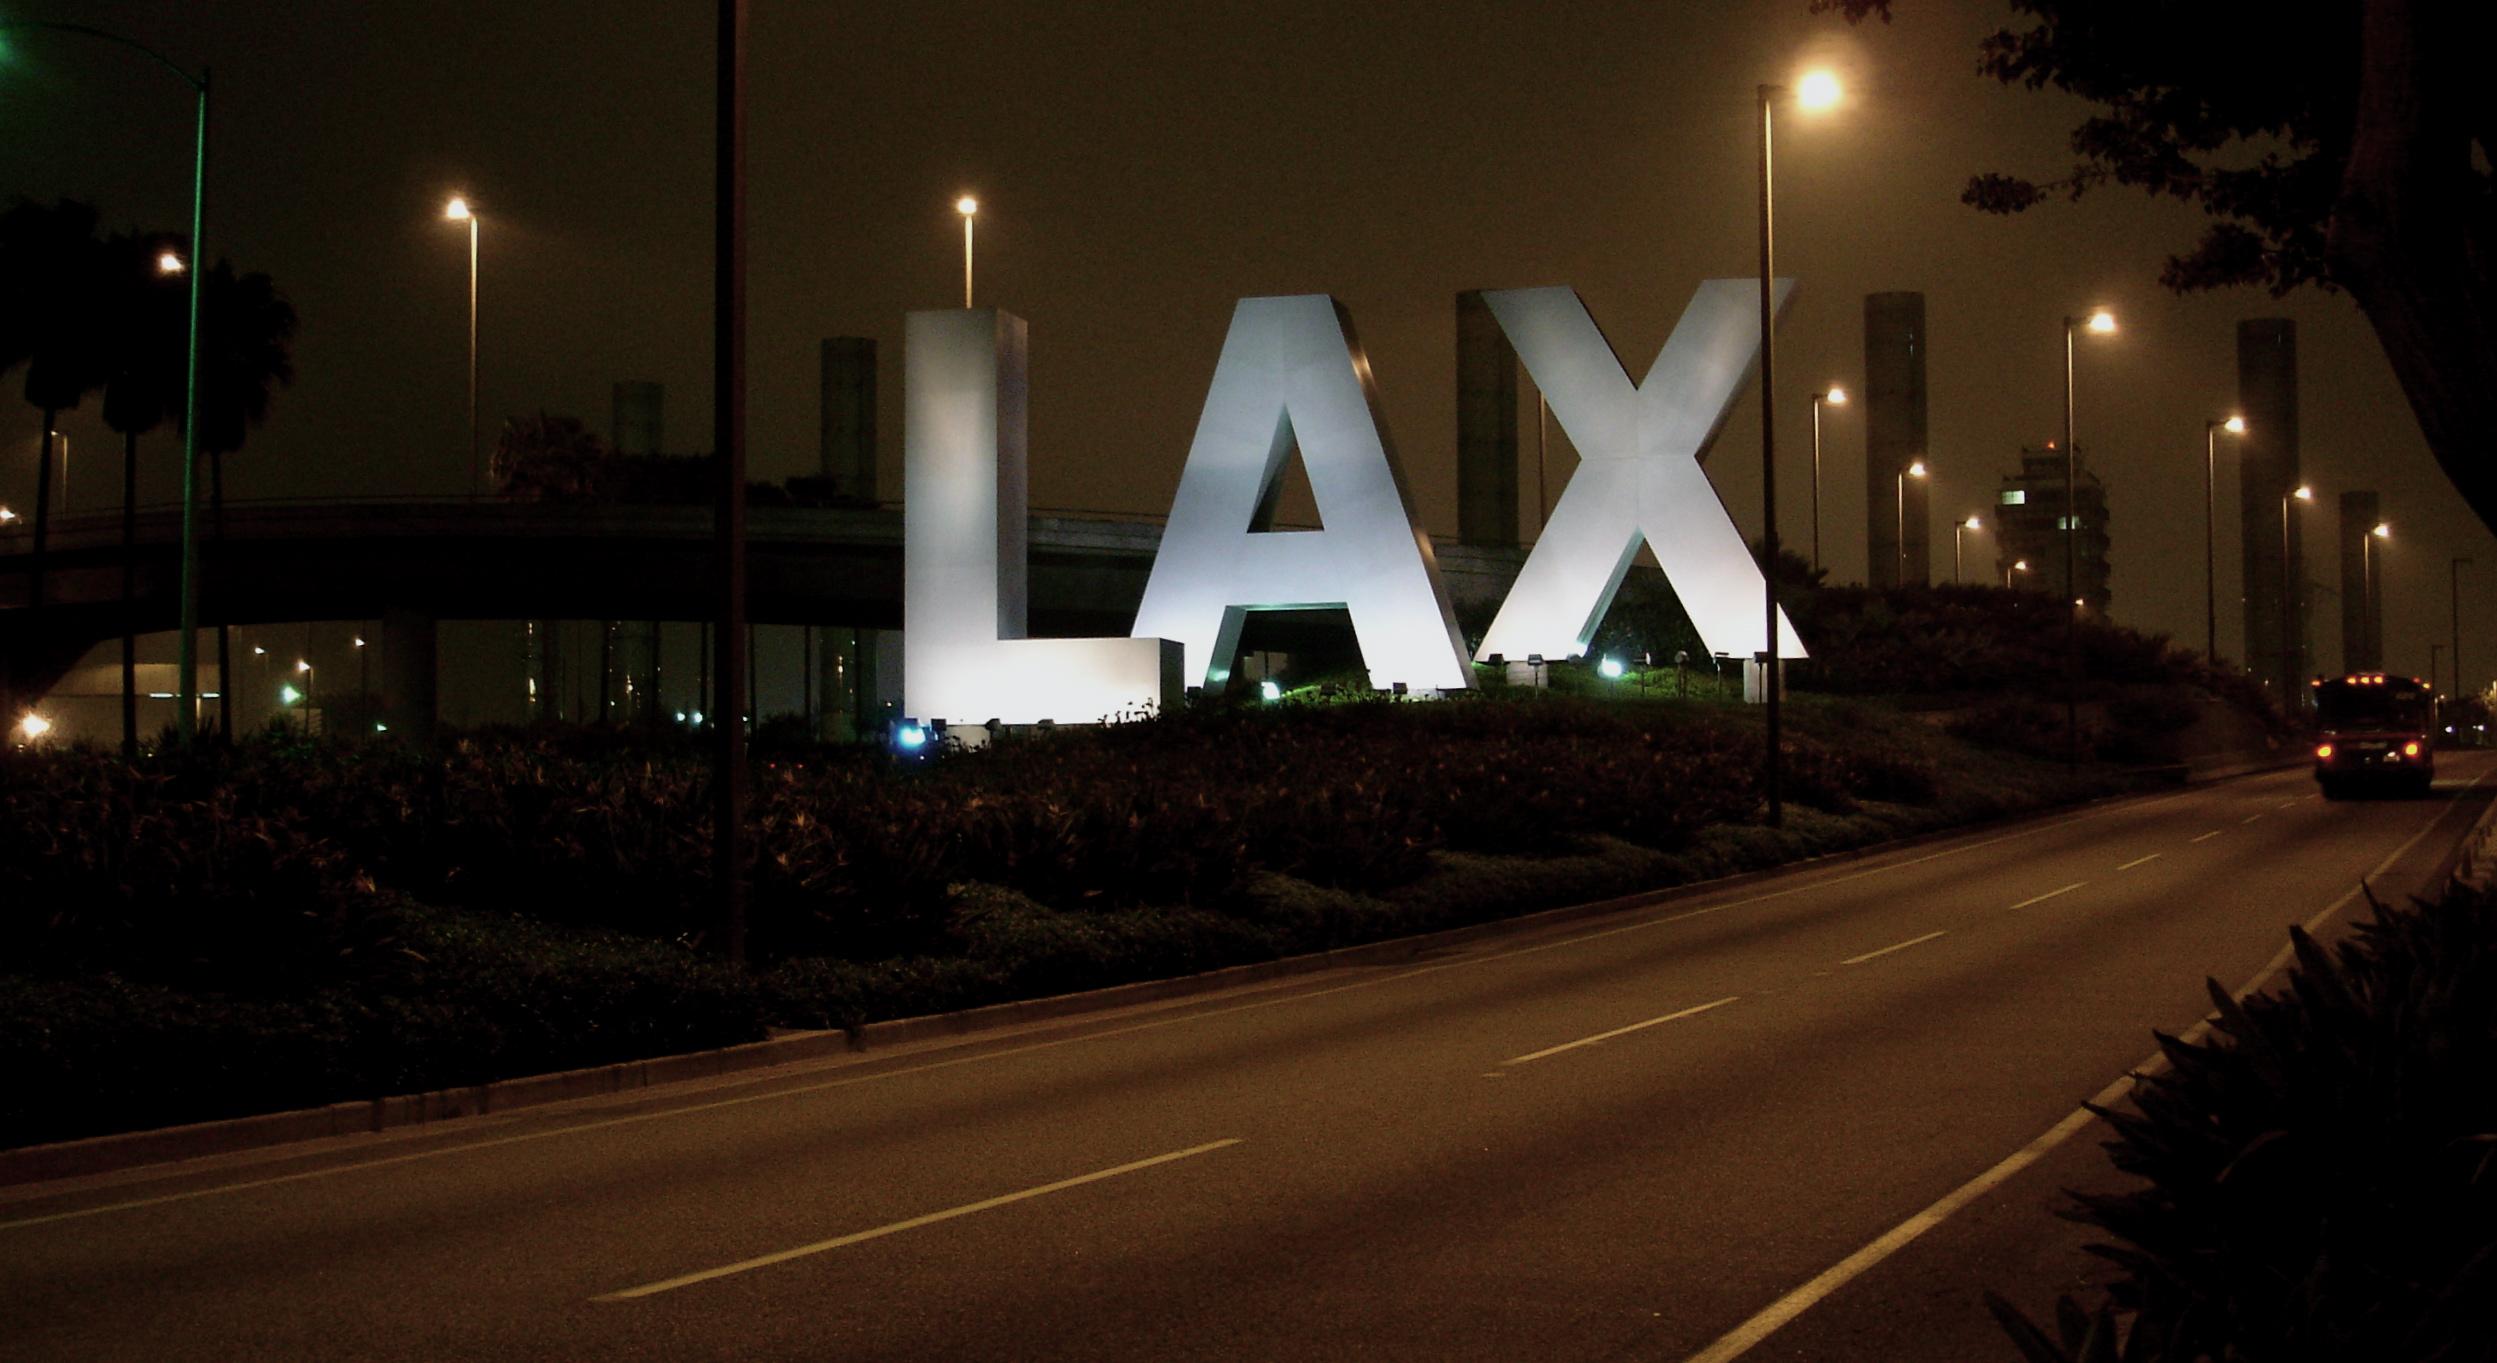 Lax_sign